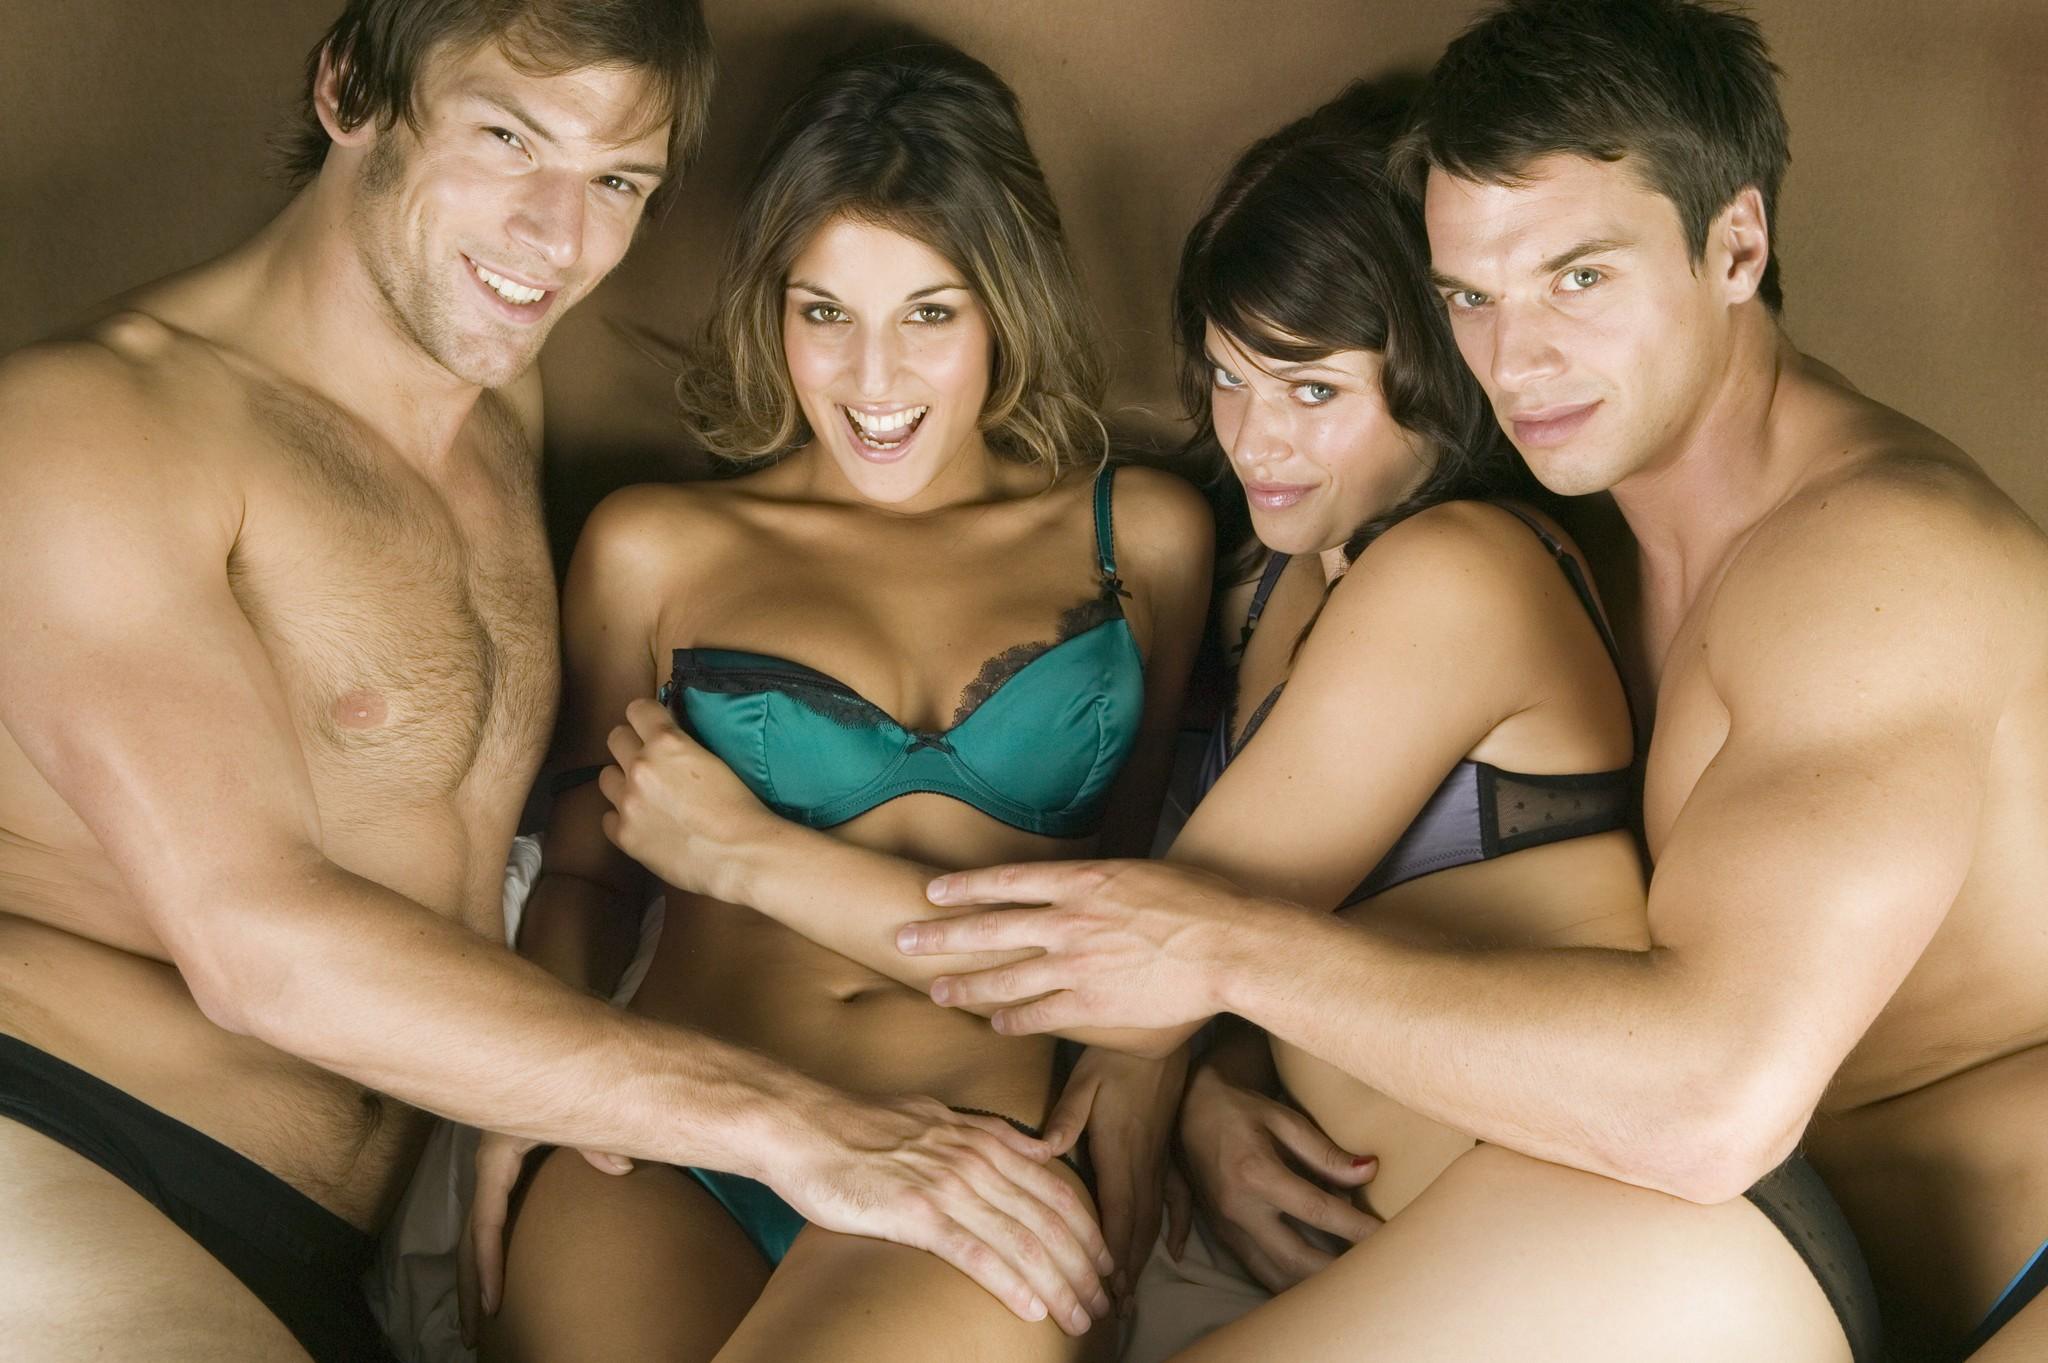 Почему свинг знакомства — это законно и правильно?